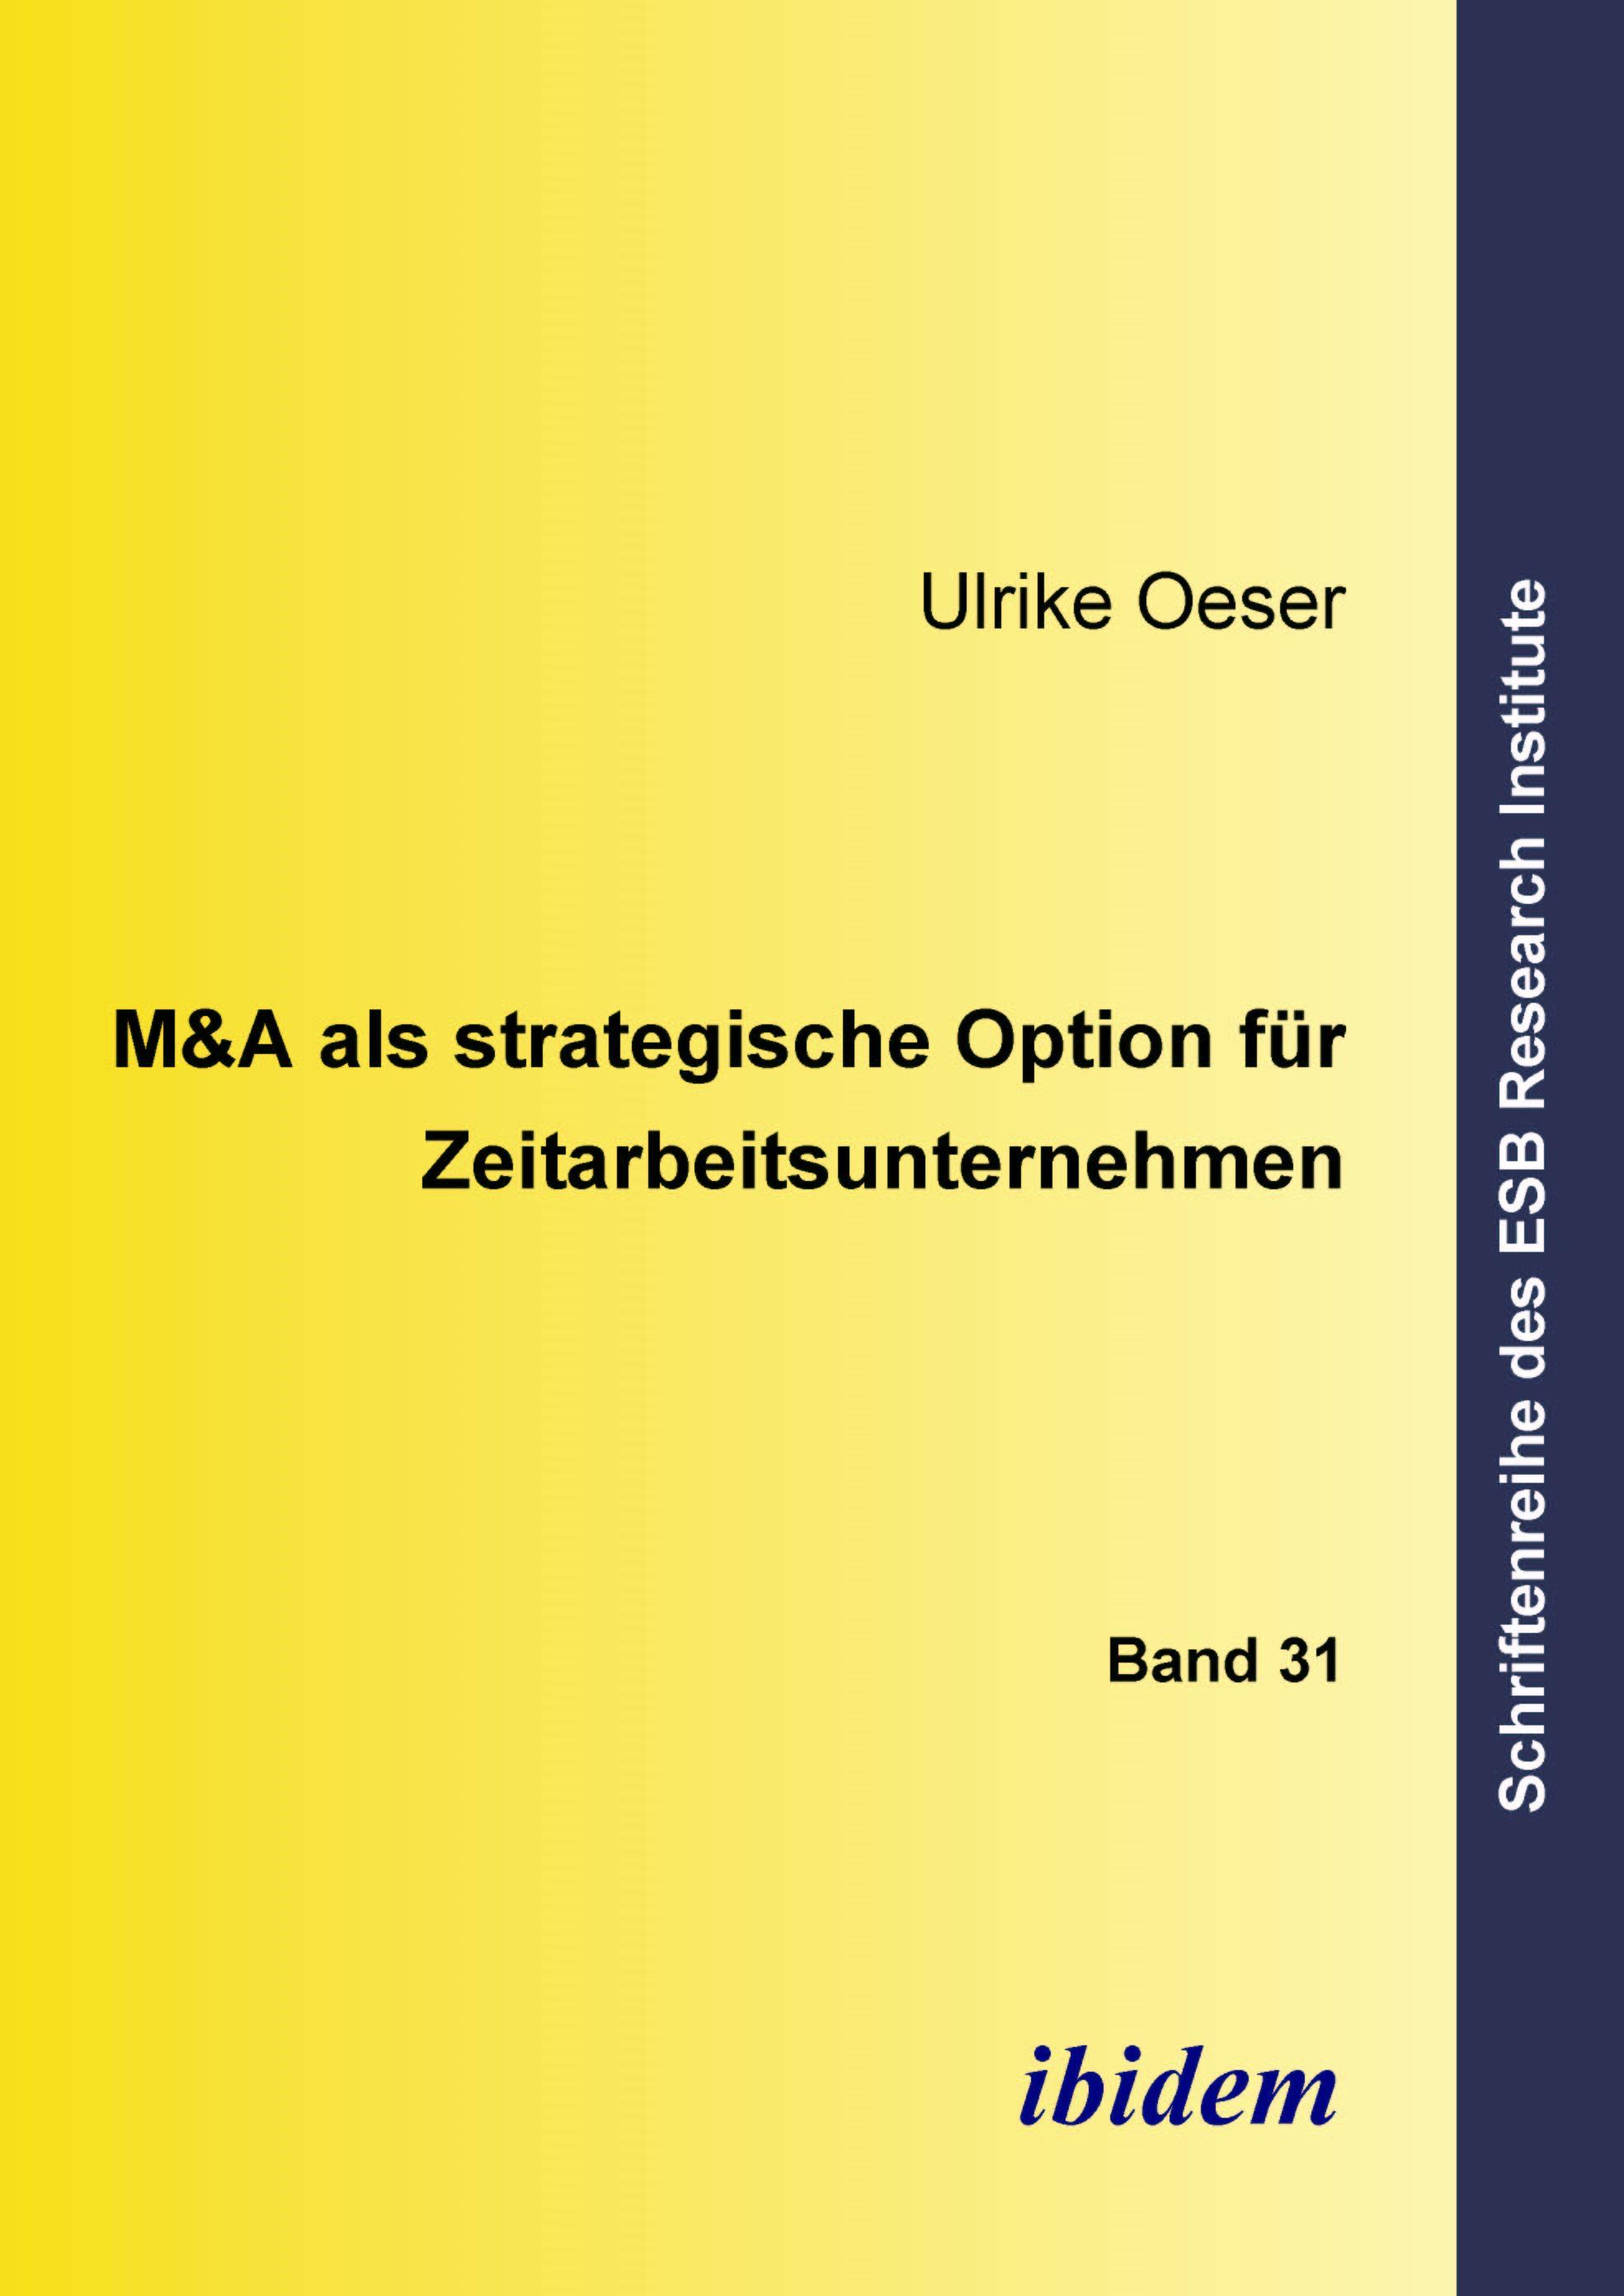 M&A als strategische Option für Zeitarbeitsunternehmen | Oeser, 2005 | Buch (Cover)